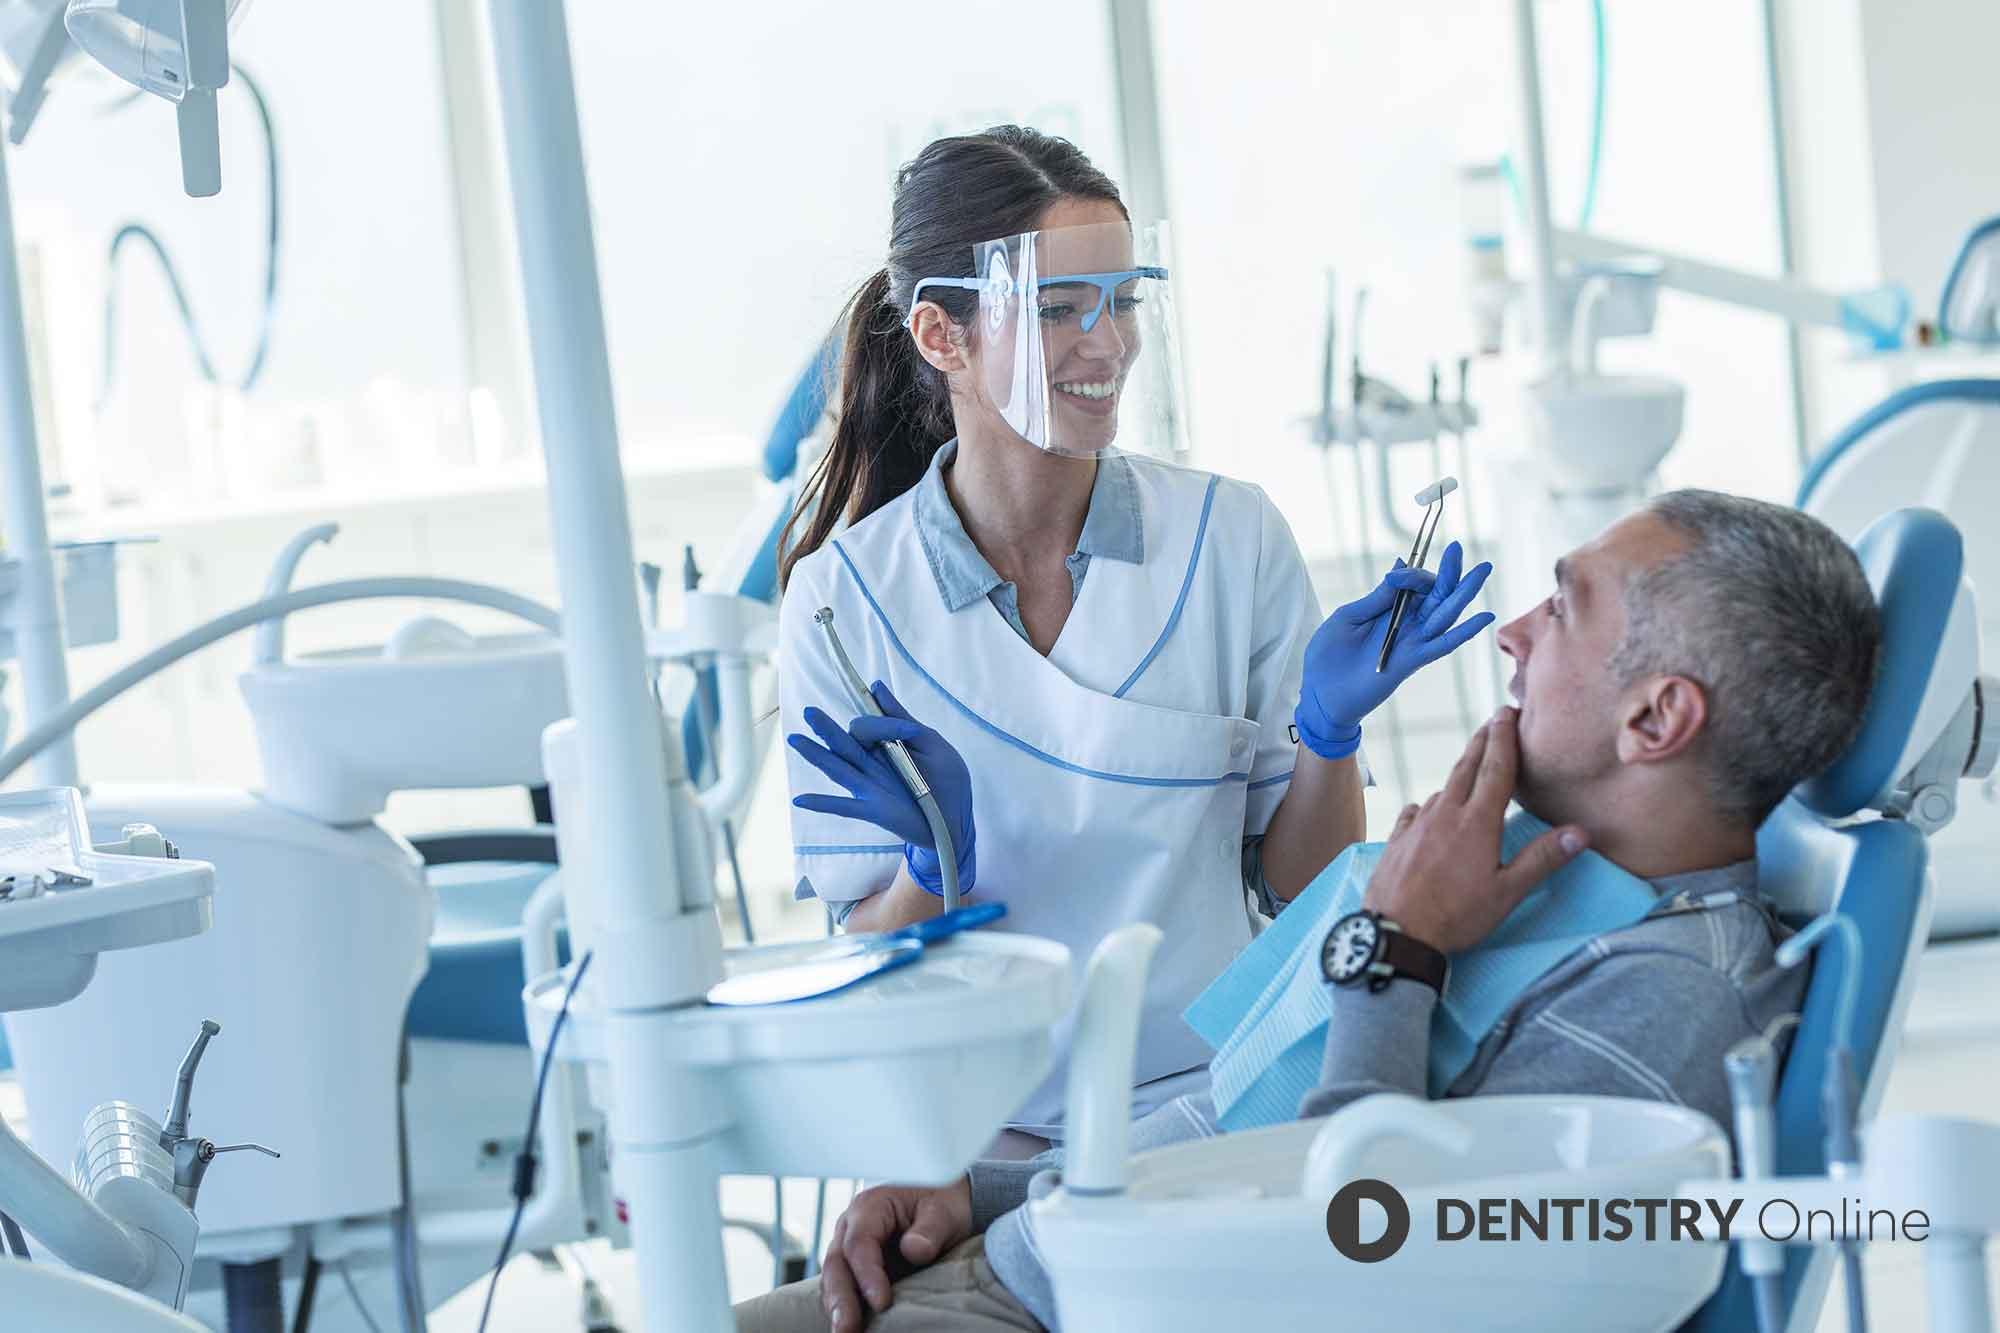 dentist offering patient finance